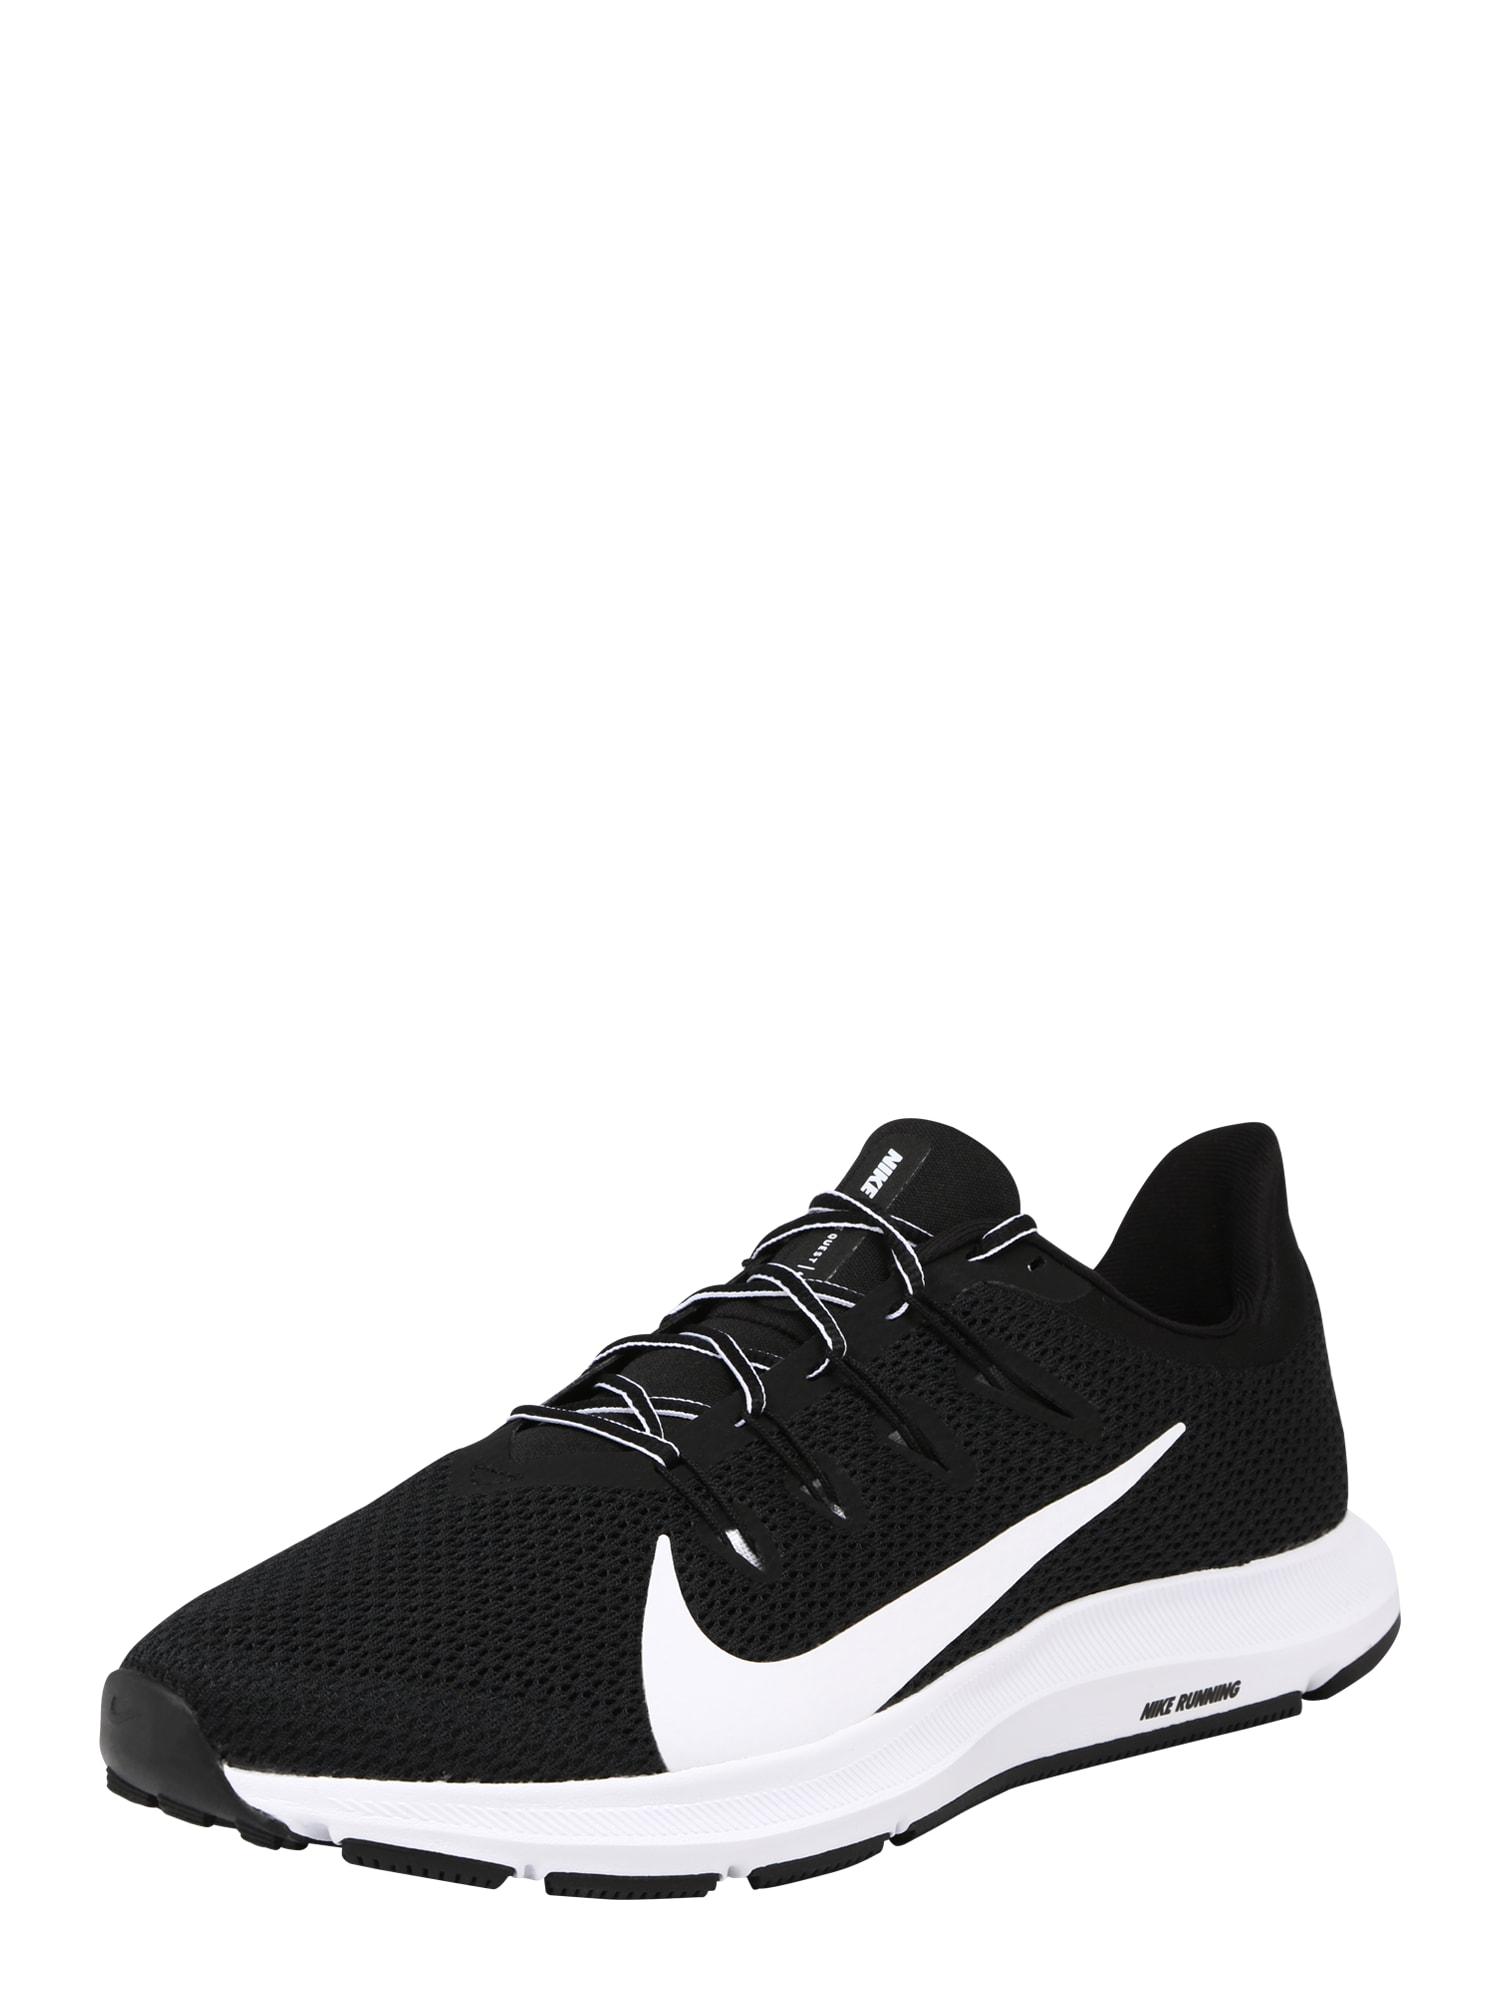 Běžecká obuv QUEST 2 černá bílá NIKE